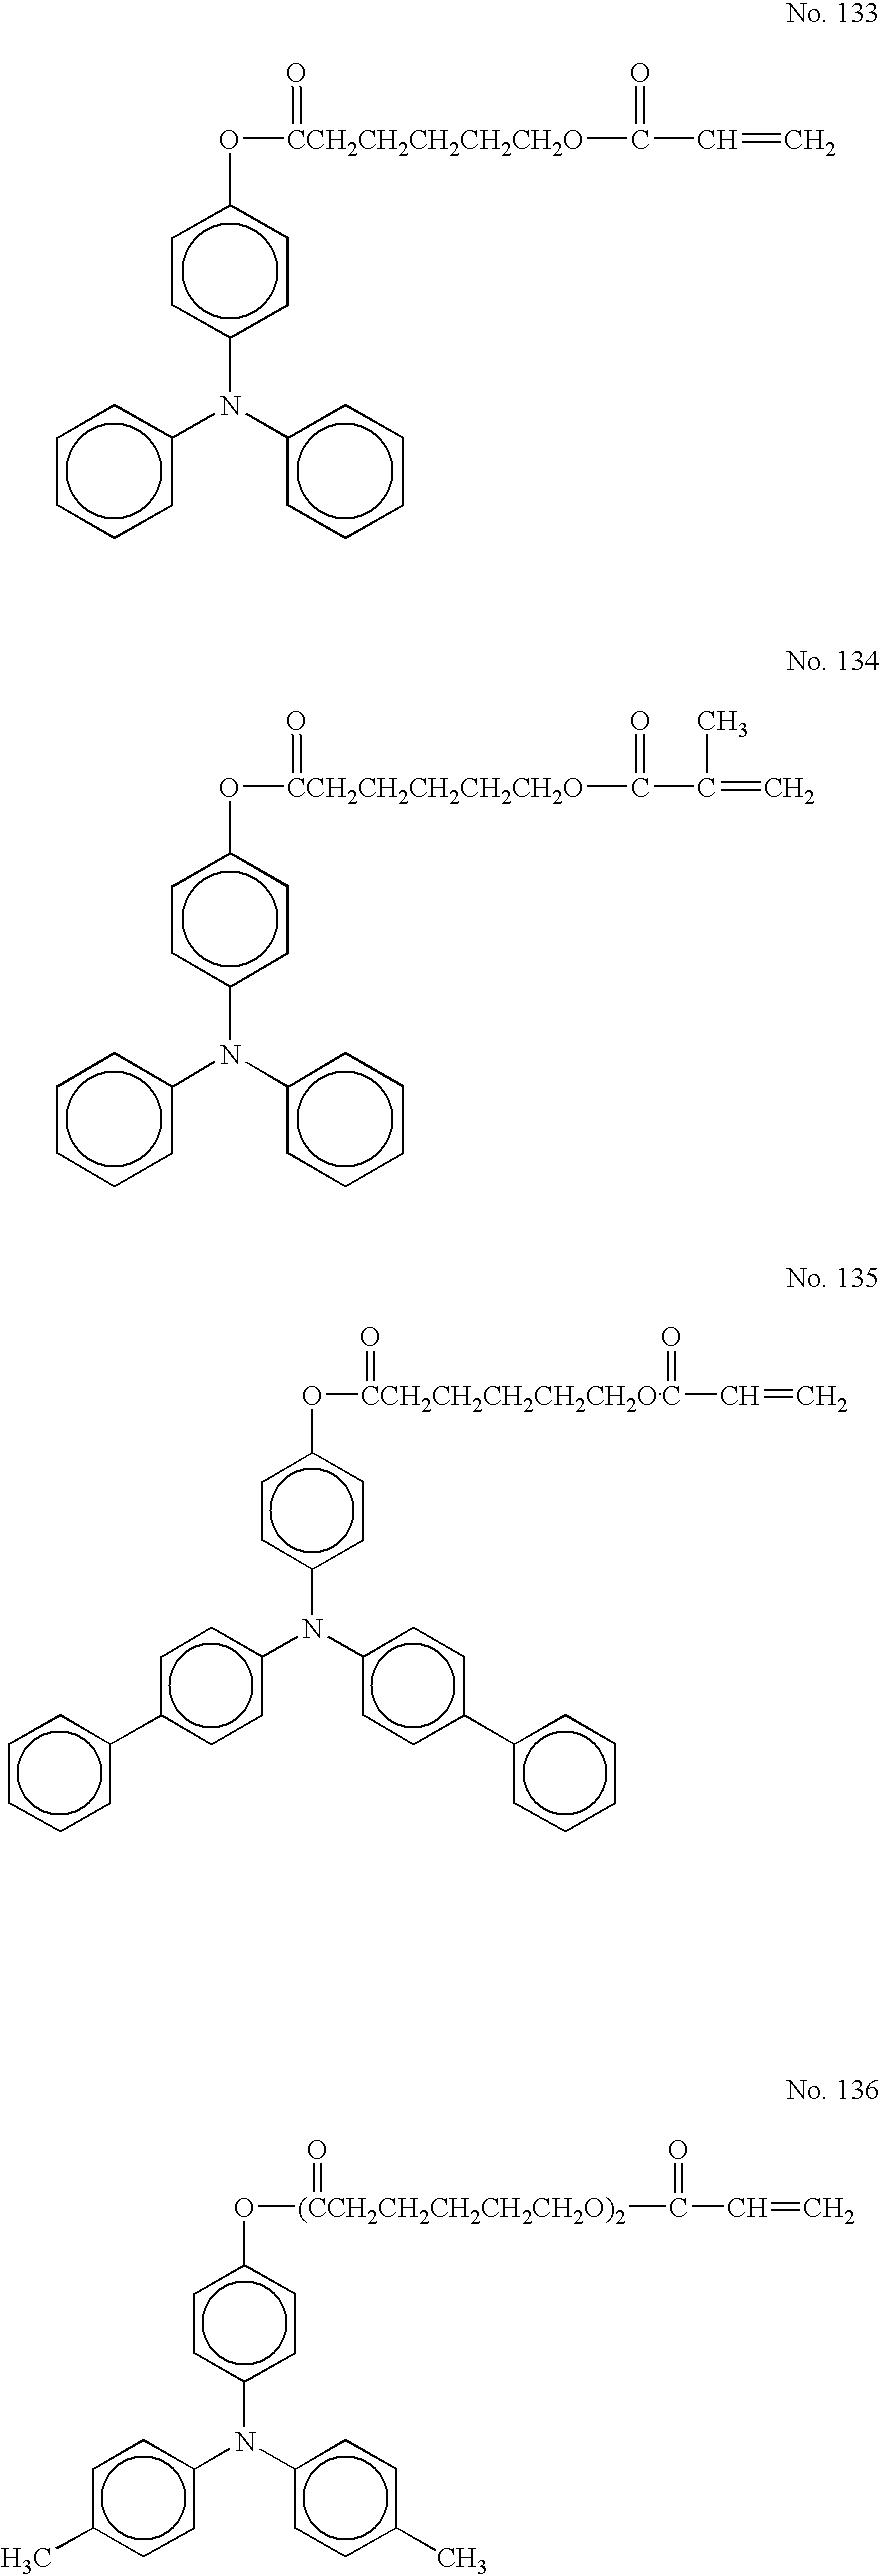 Figure US20060177749A1-20060810-C00065